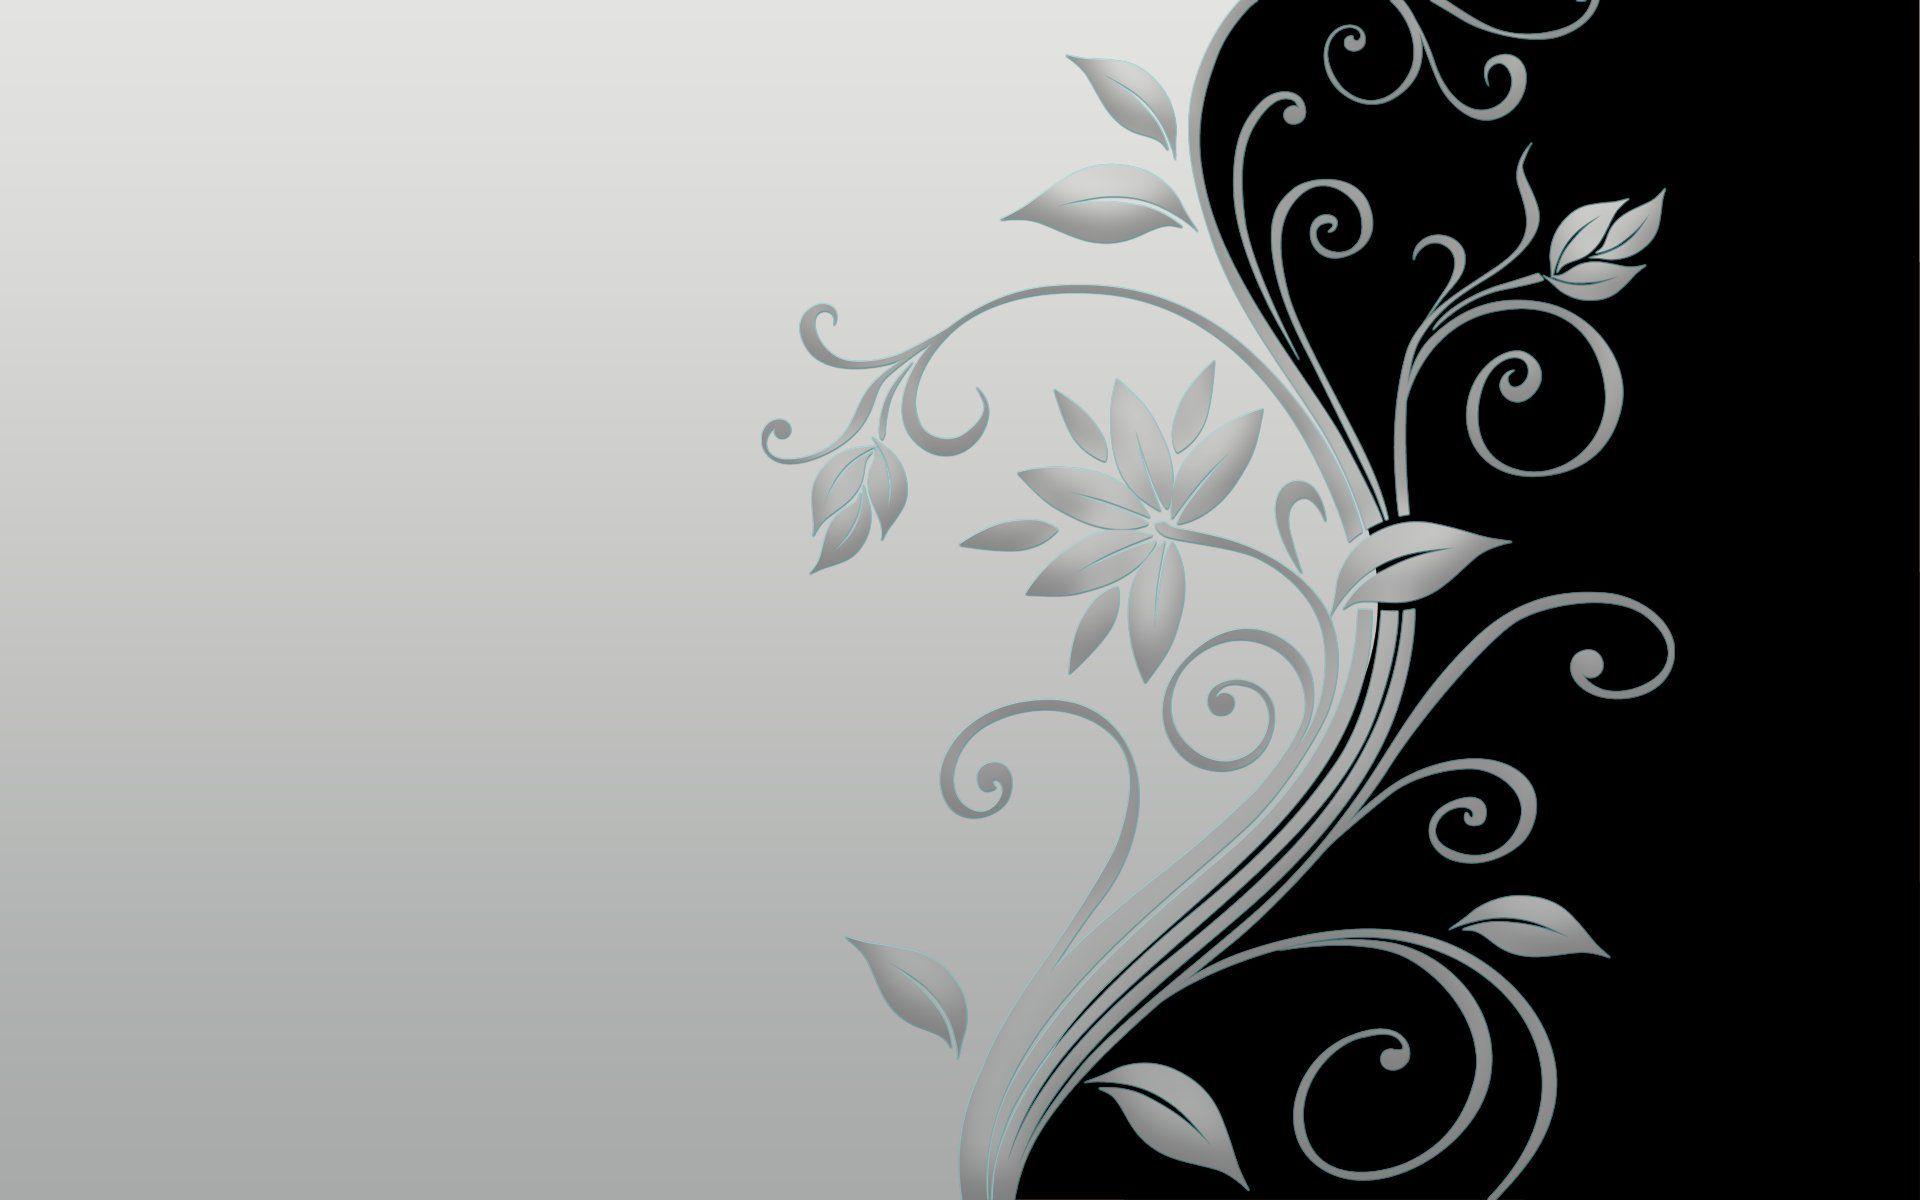 Abstract Flowers Design HD Widescreen Desktop Wallpaper